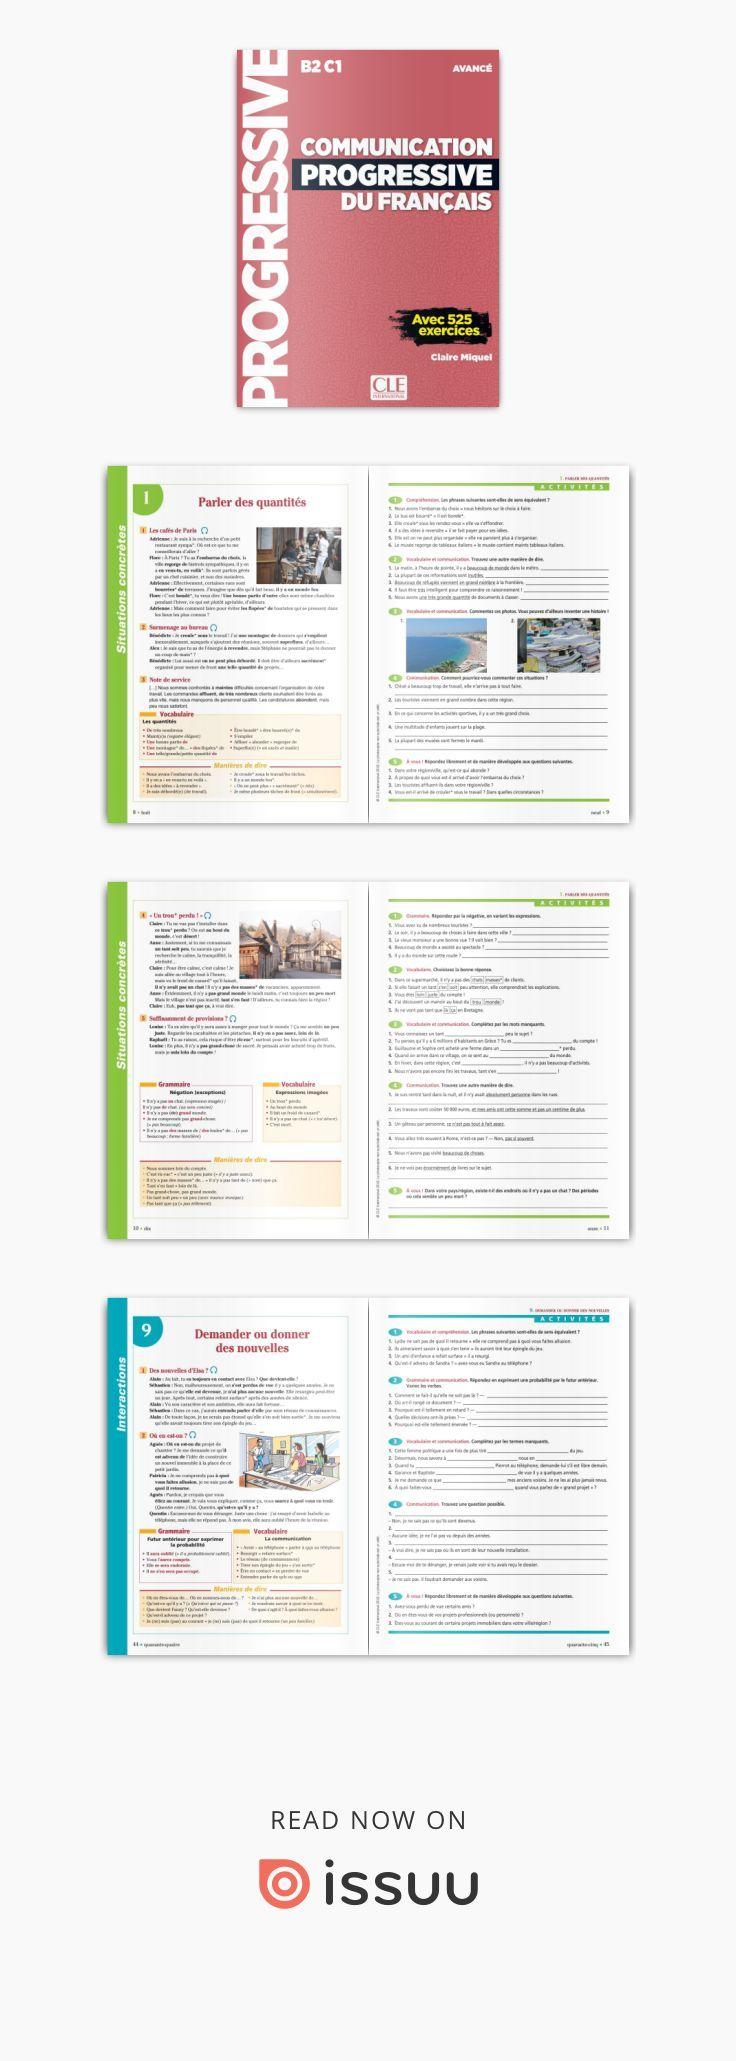 Extrait de Communication progressive du Français - En parcourant ces pages vous aurez un aperçu de l'ouvrage, et vous pouvez bien sûr zoomer pour vous déplacer dans le document. Bonne découverte !